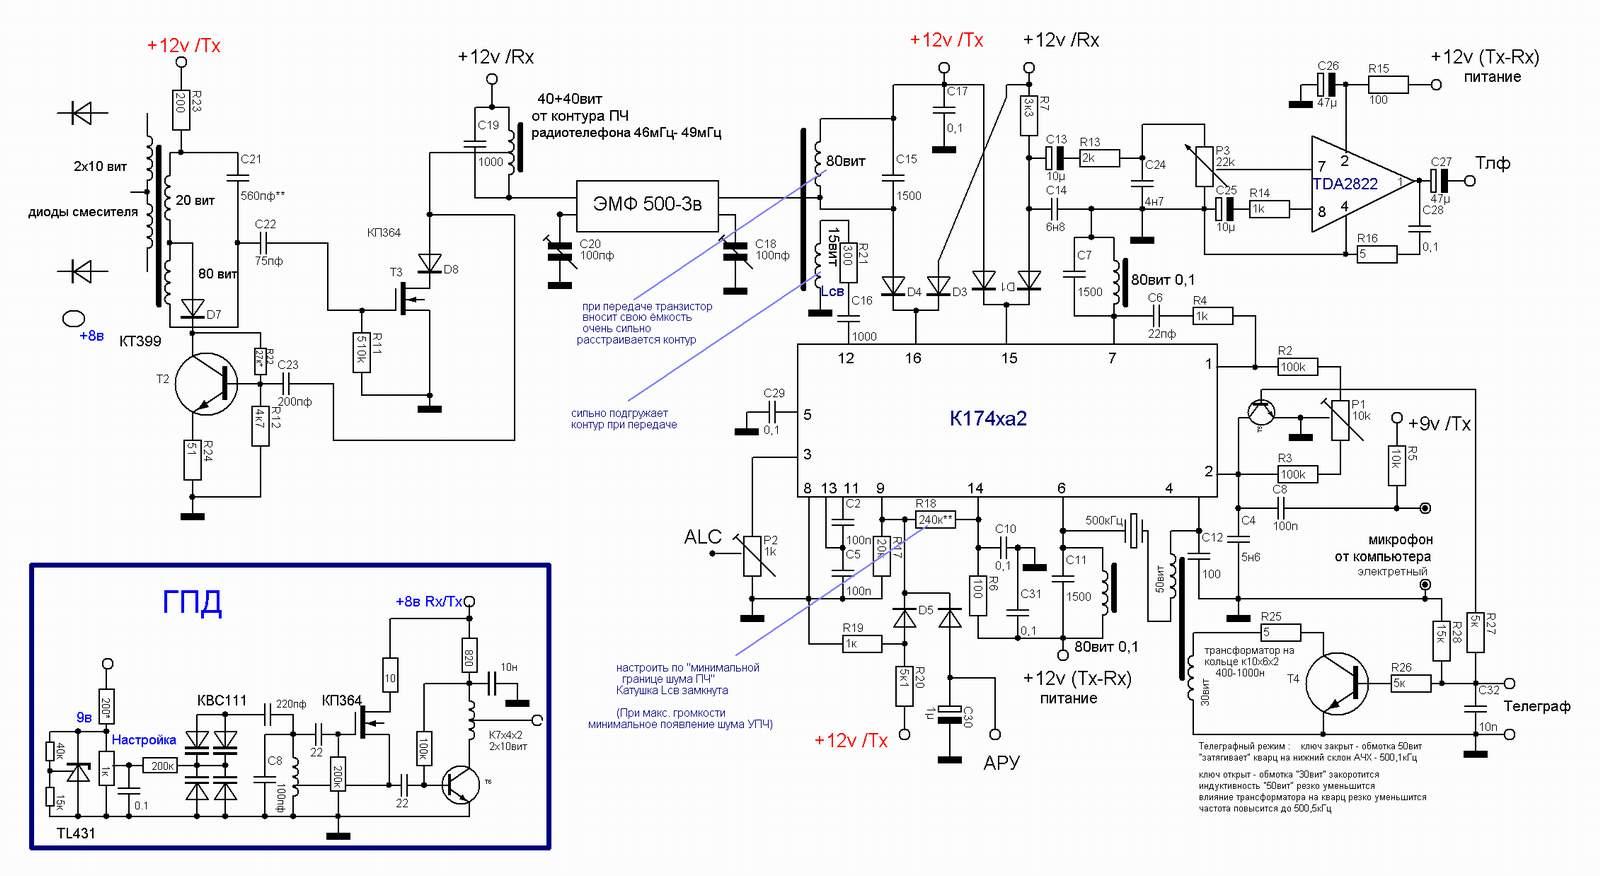 Схема прибора для настройки тракта пч радиоприемников